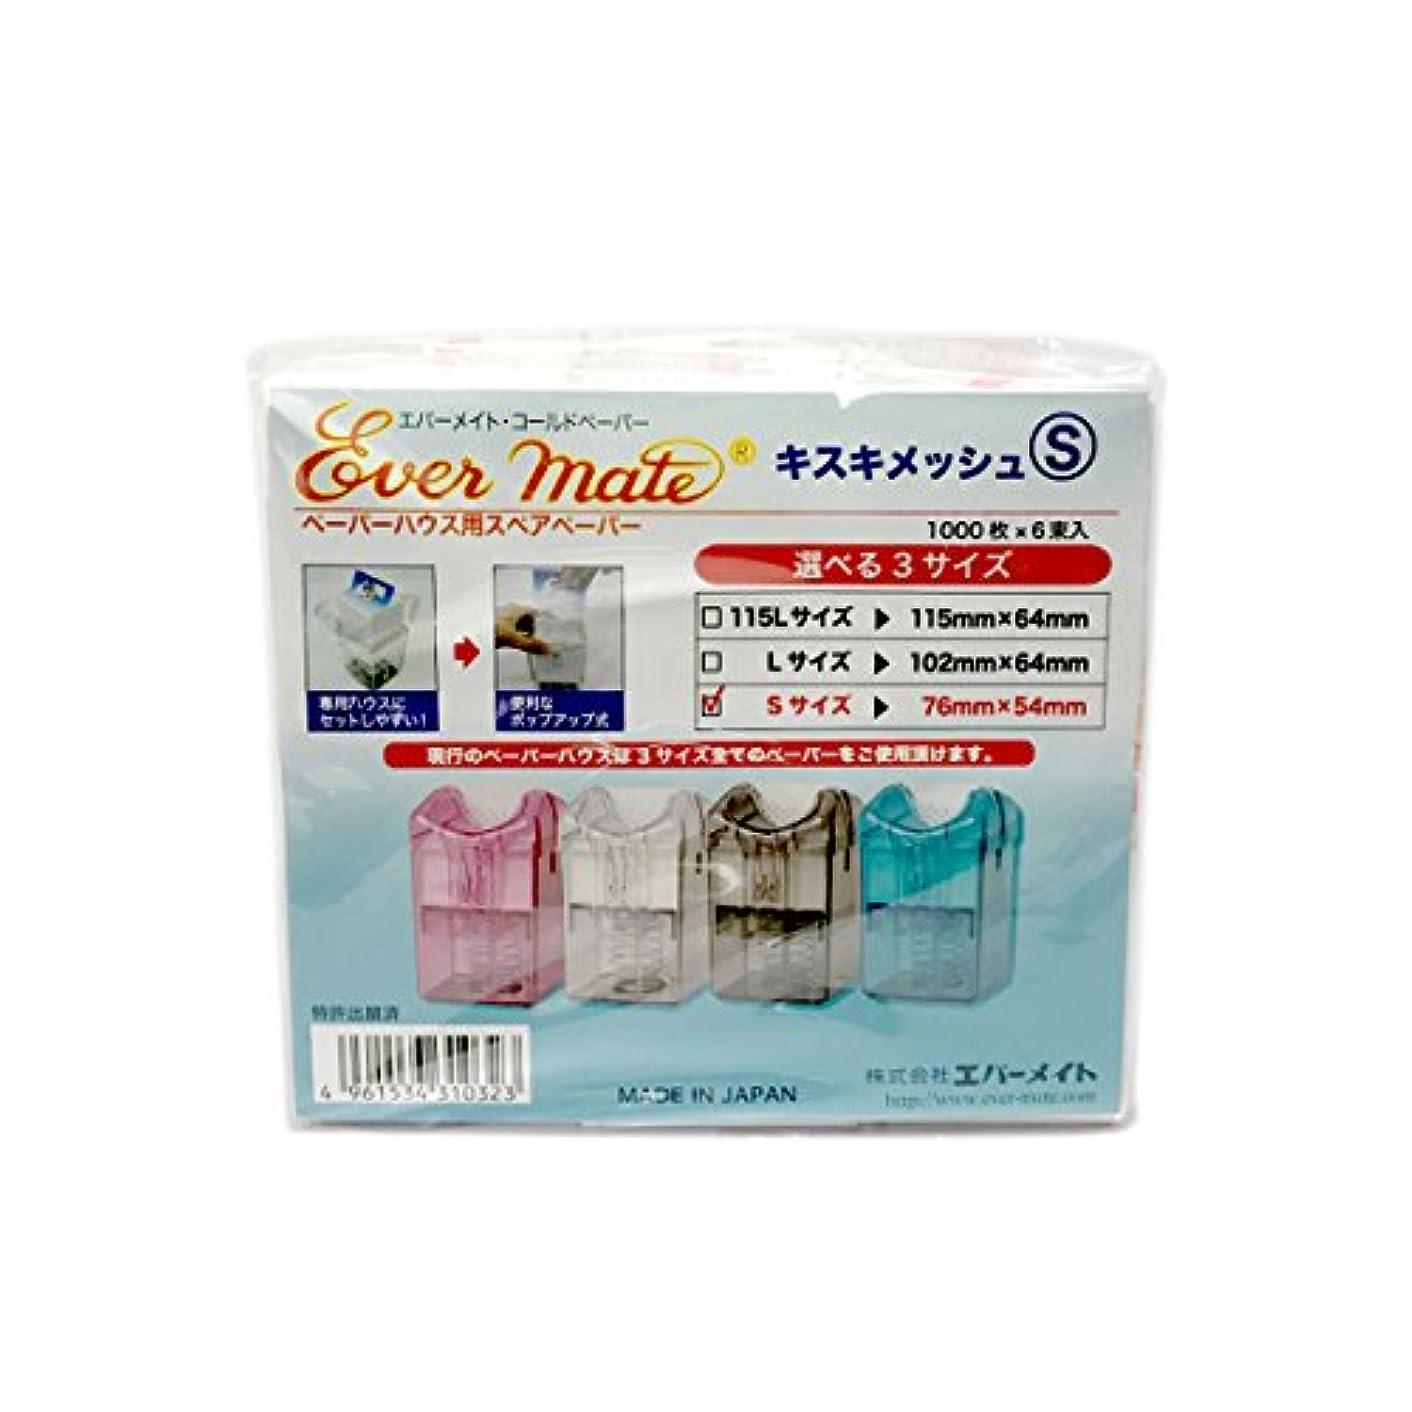 シャックル約束するシャッター米正 ペーパーハウス用スペアペーパー みさらしキスキメッシュ ショートサイズ 1000枚入×6束